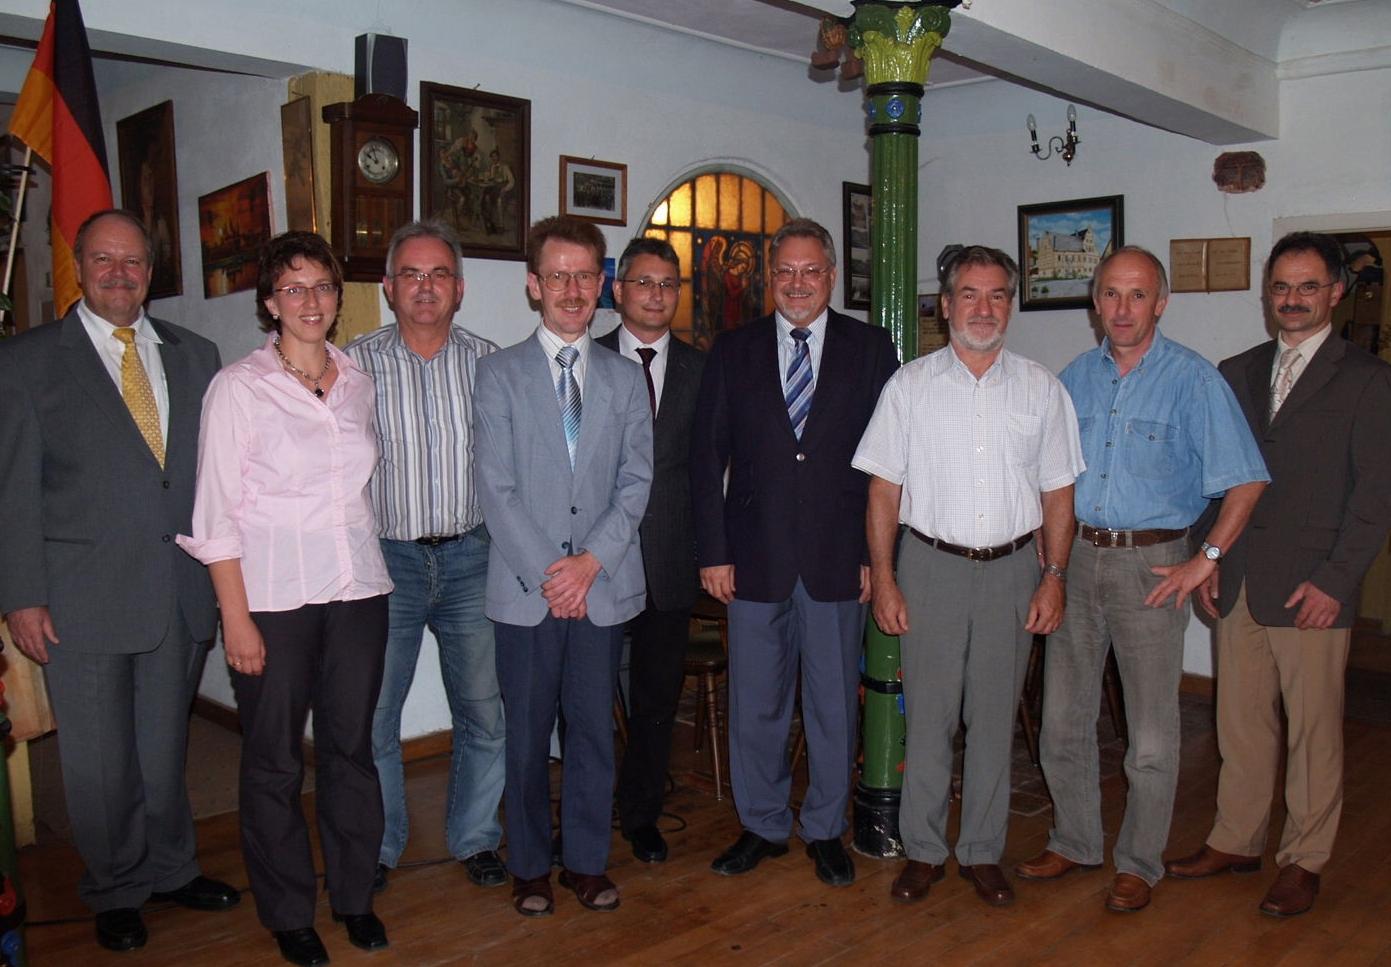 11.07.2008 - Ortsvereinsgründung